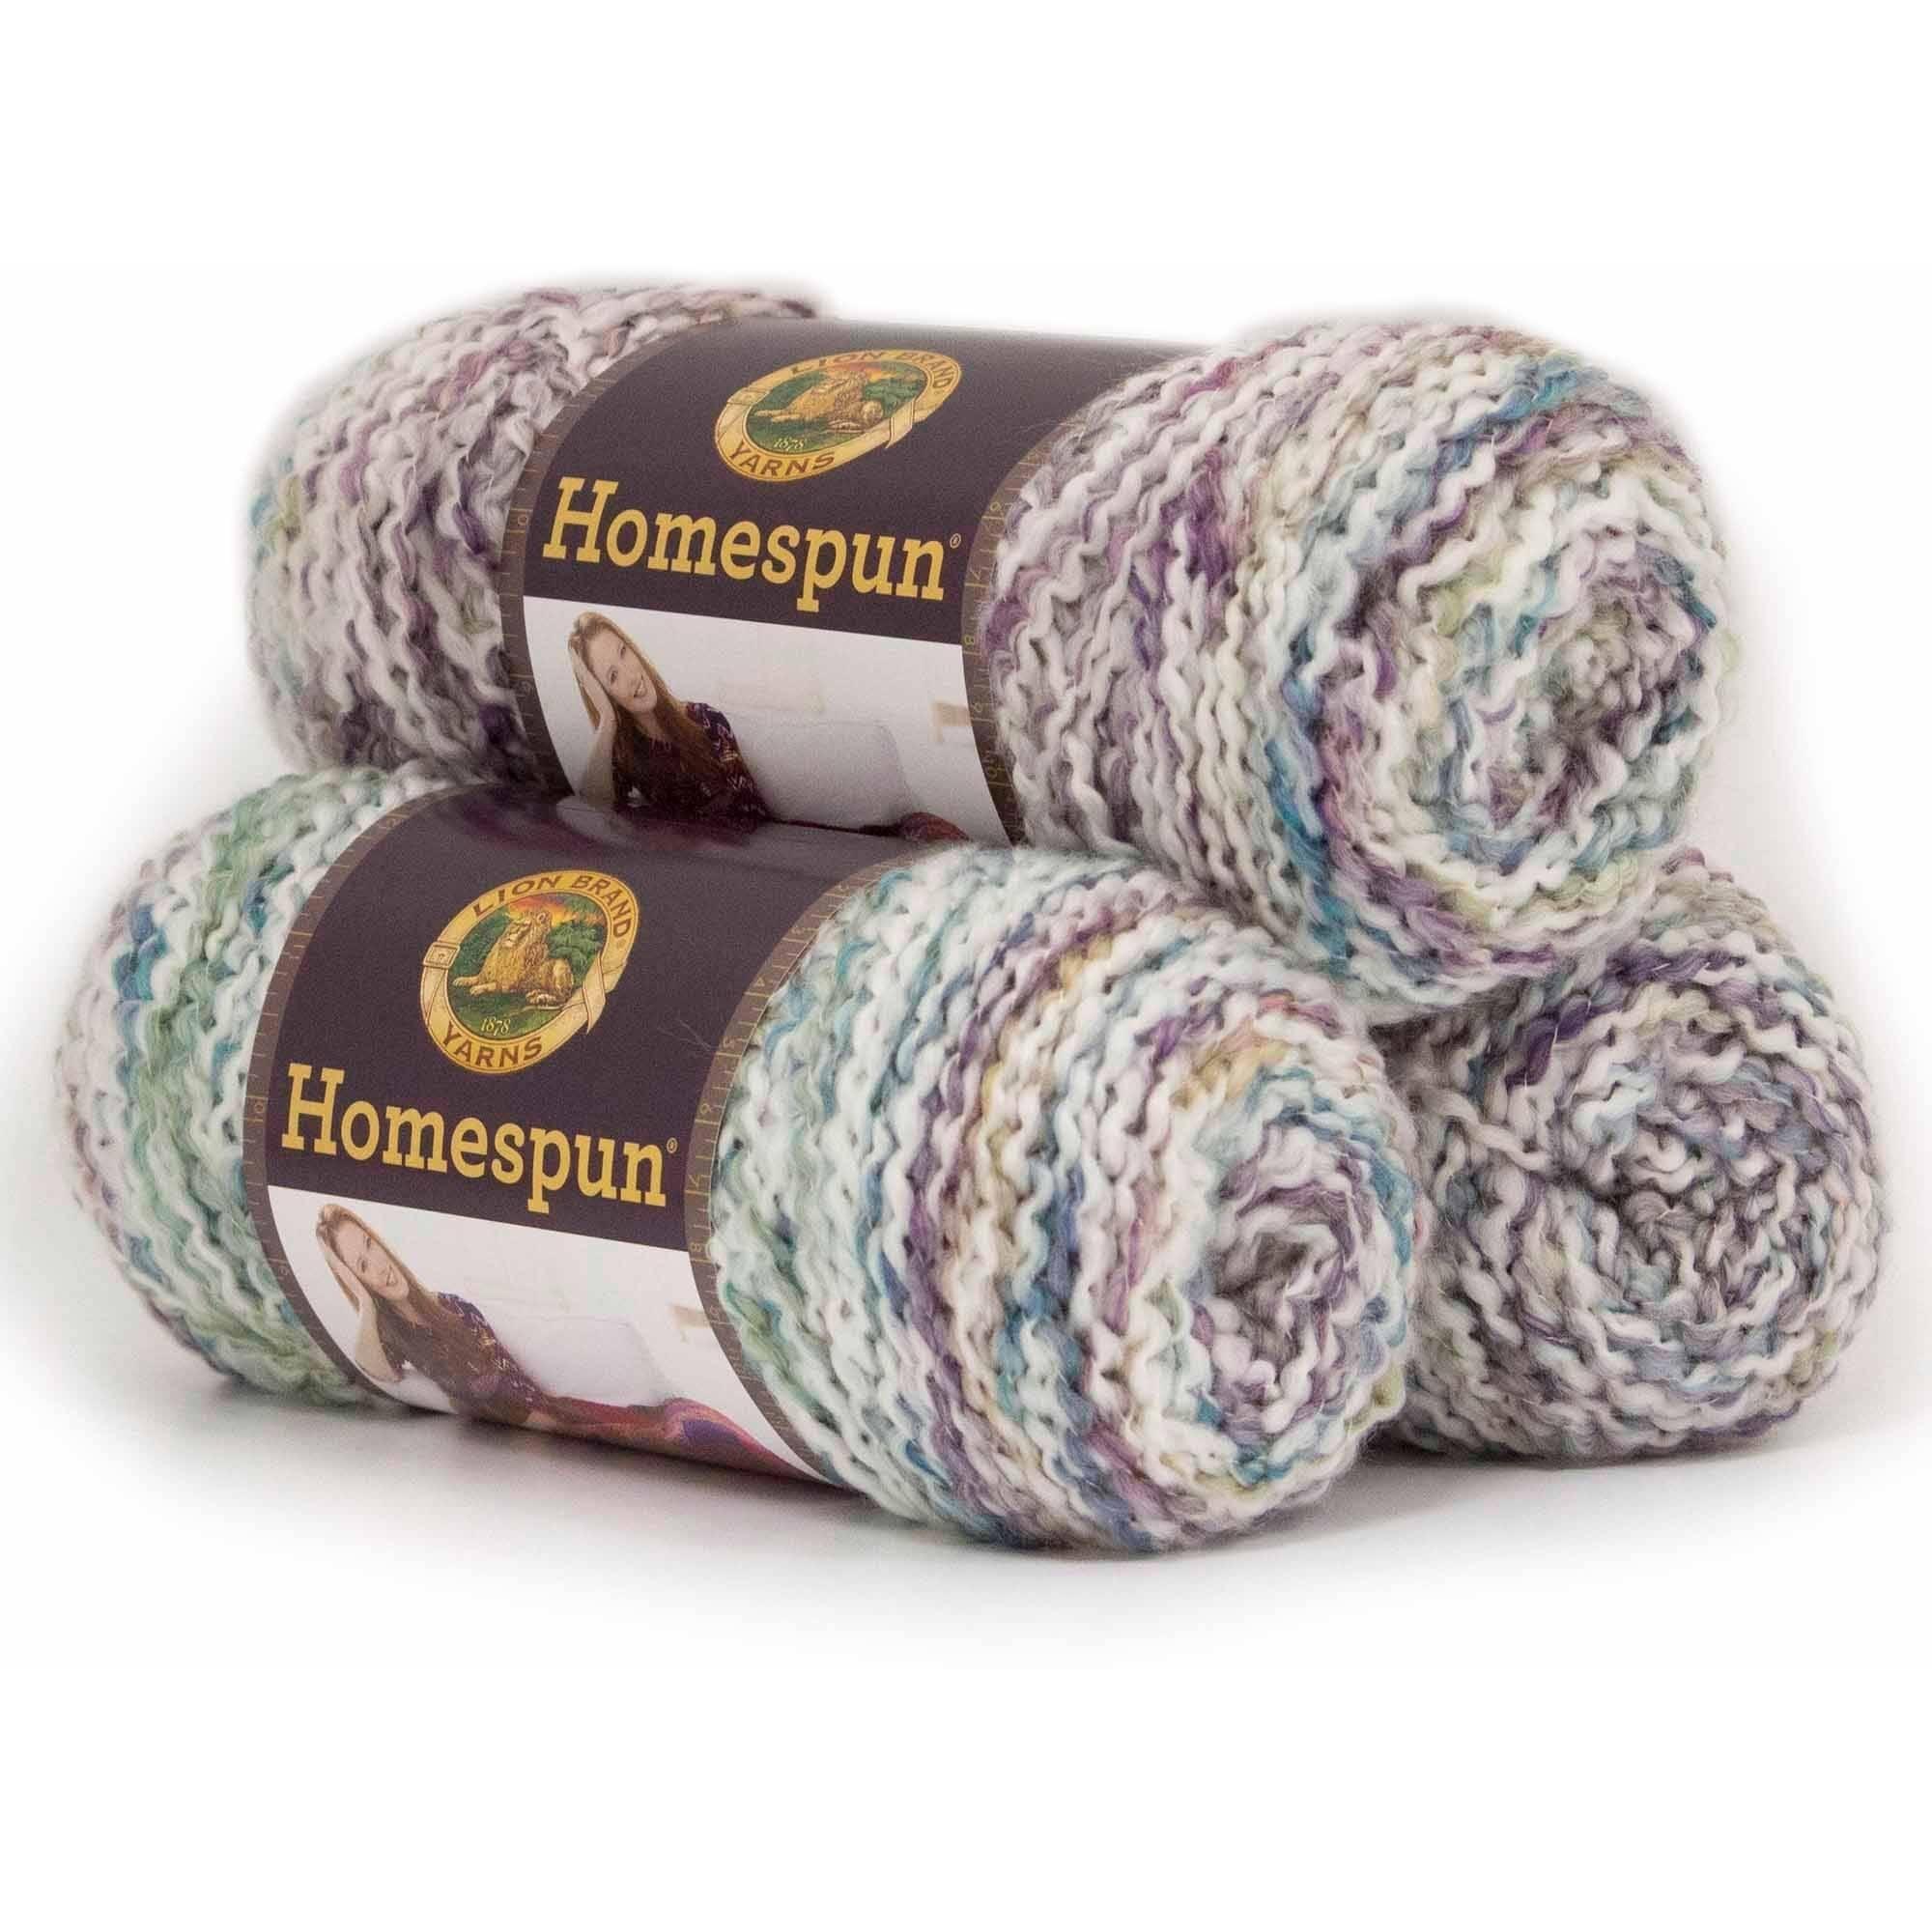 Lion Brand Yarn Homespun Acrylic Fashion Yarn, 3 Pack